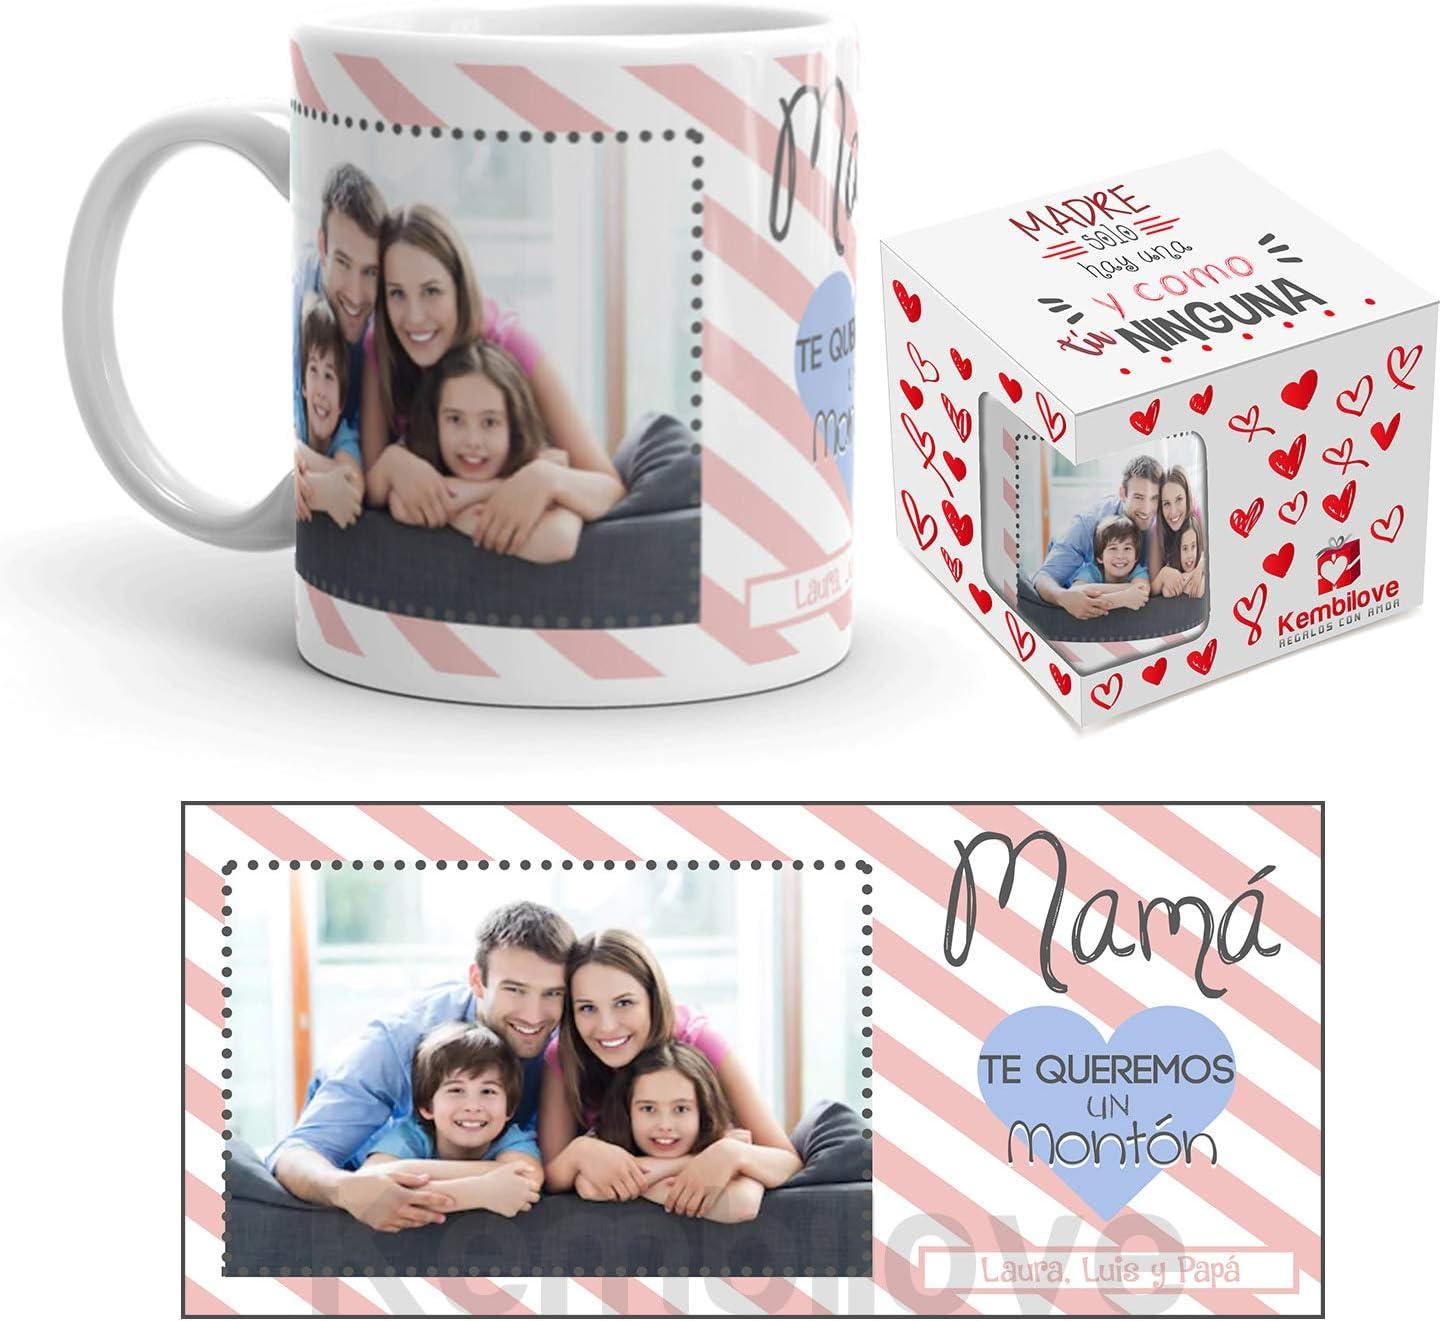 Kembilove Taza de Café Mamá te Queremos un montón – Taza de Desayuno con Foto Personalizada – Taza de Café y Té para Regalo Original Mamá – Taza de Cerámica Impresa – Tazas de de 350 ml